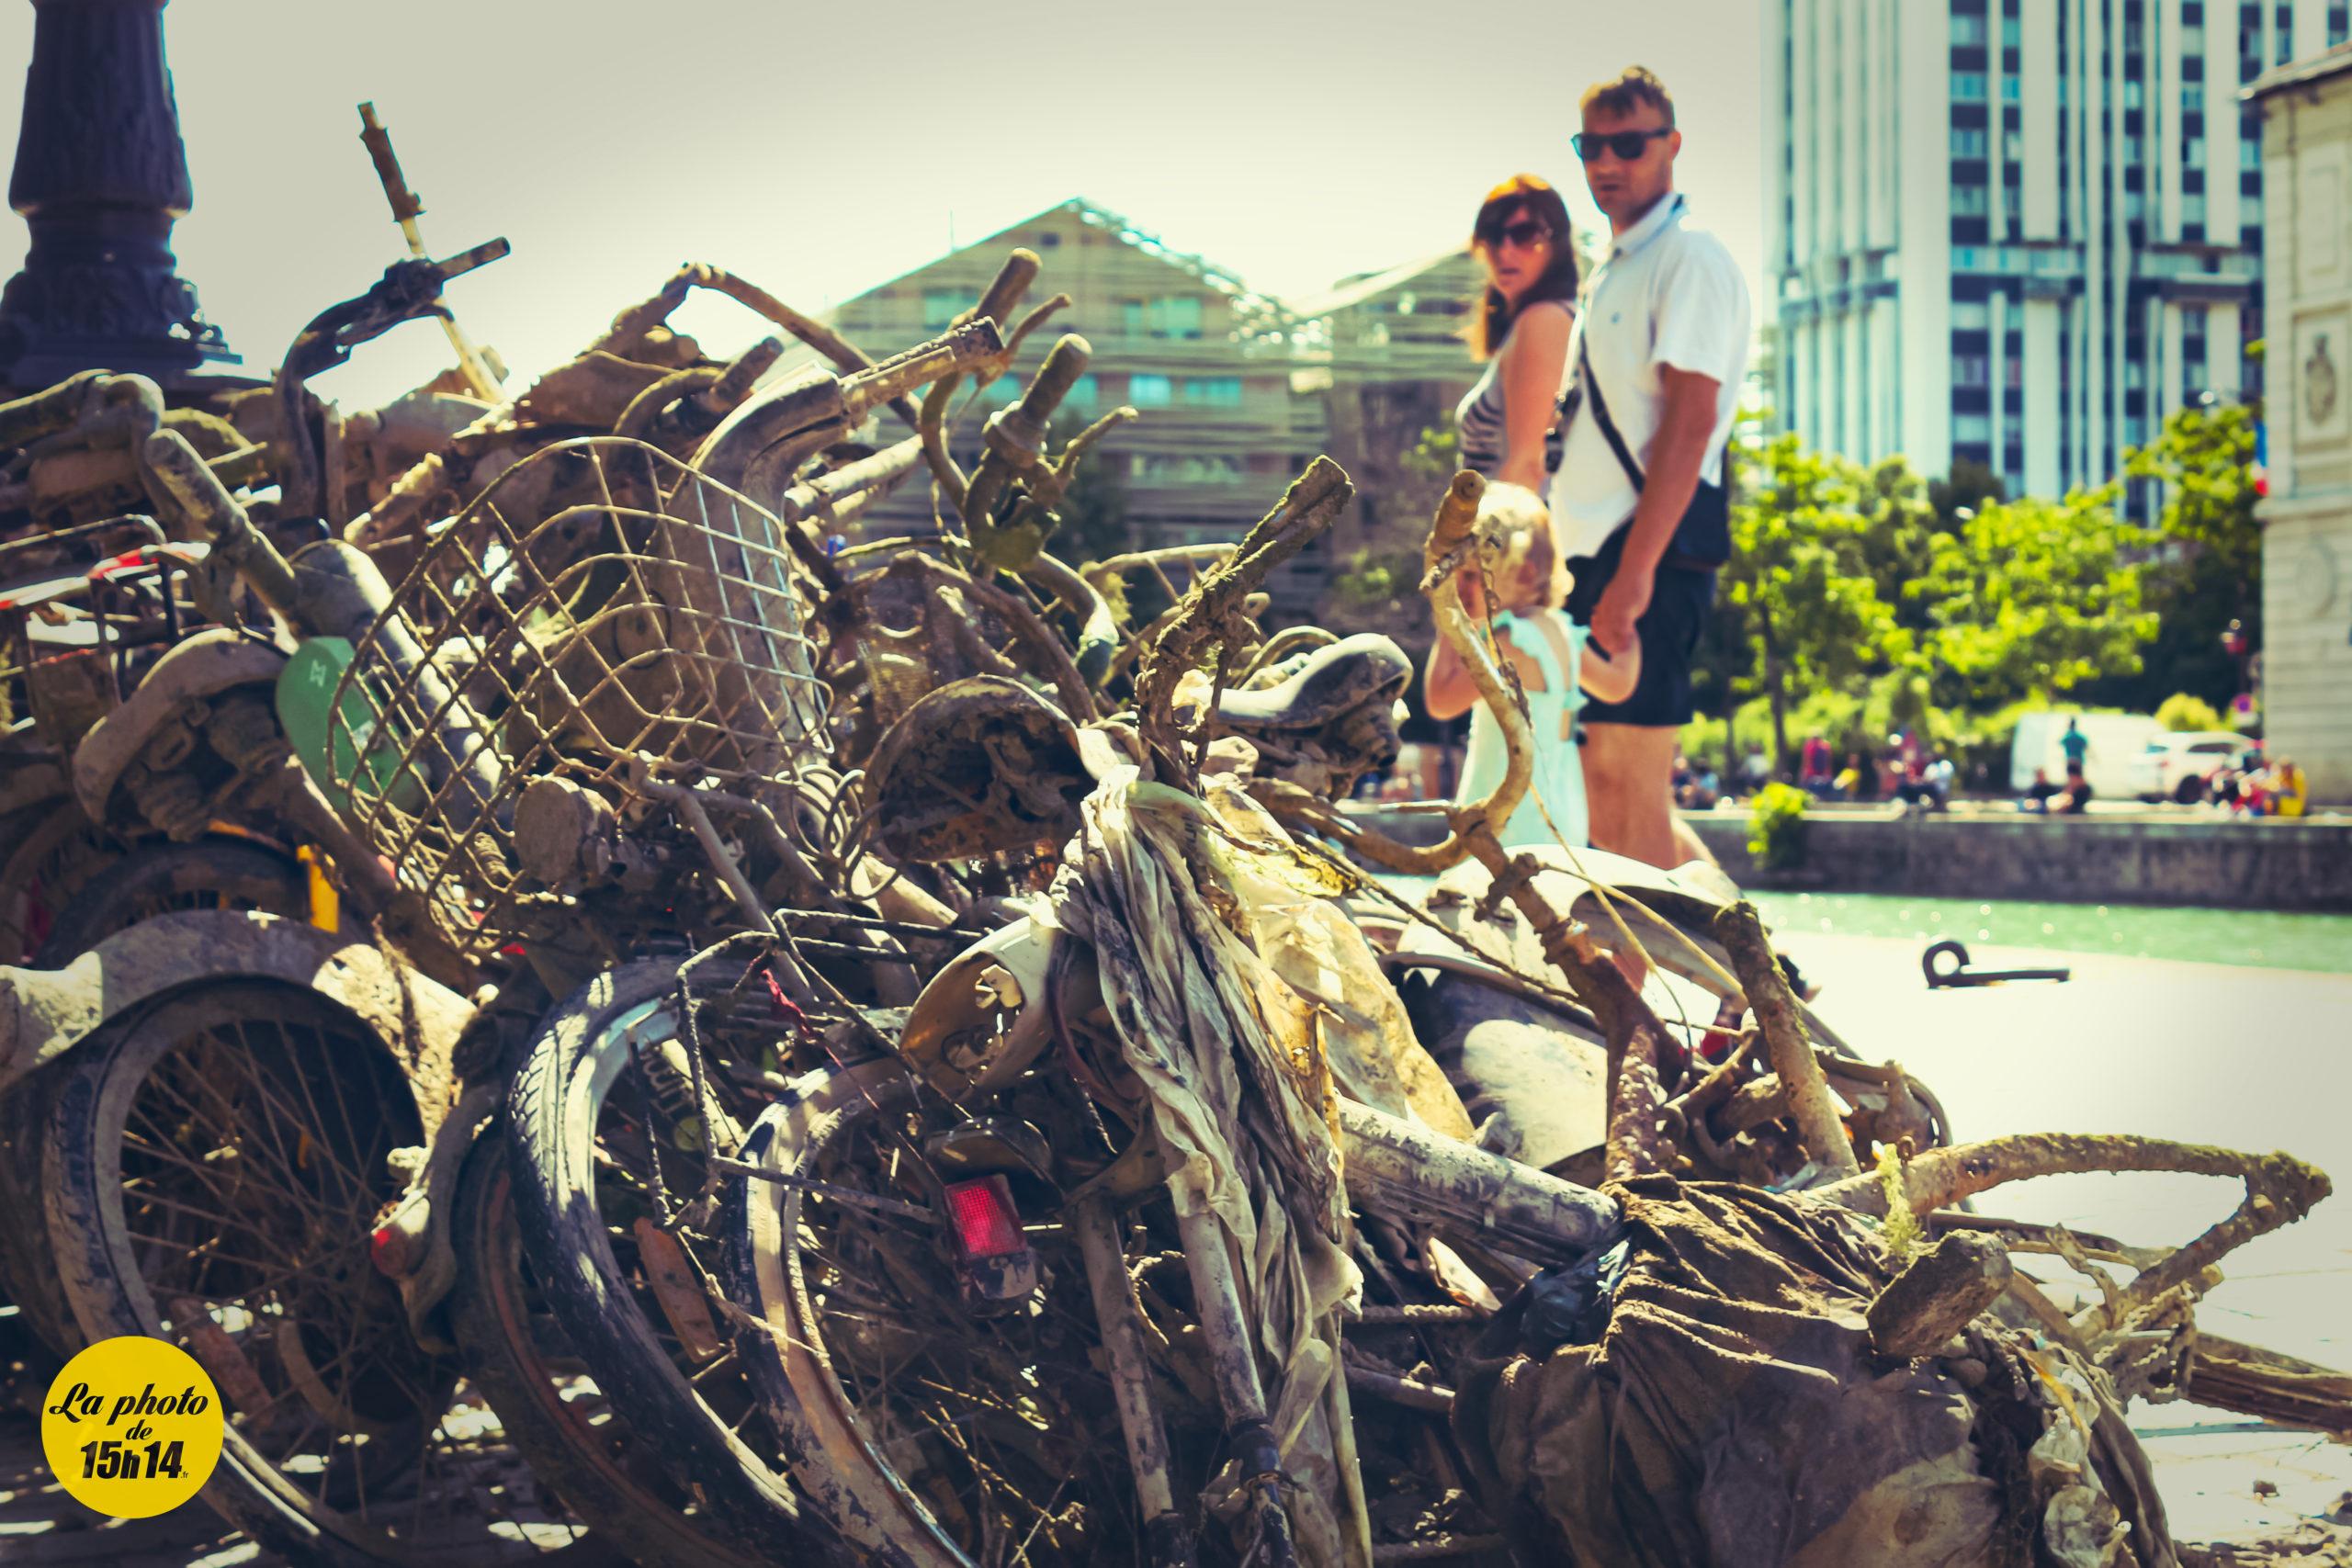 Bike Trash, Canal de l'Ourcq, Paris  #Photo #15h14